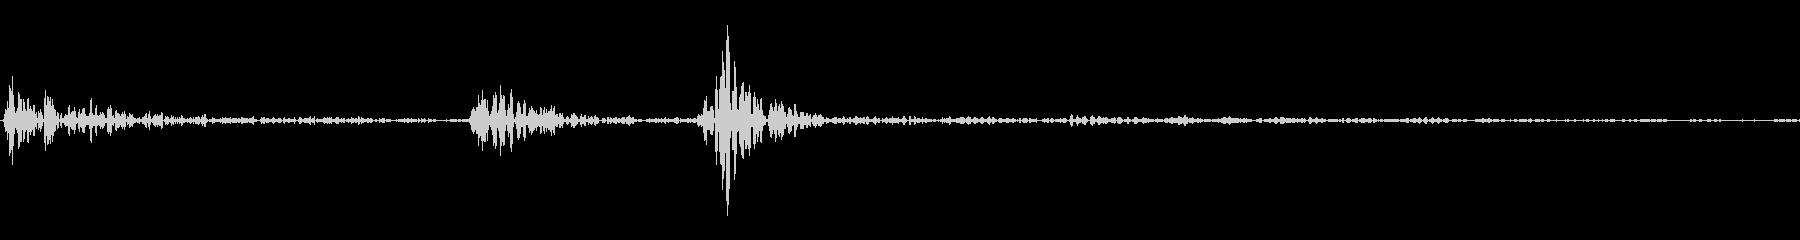 カチッ(装着/スイッチ/セット)の未再生の波形